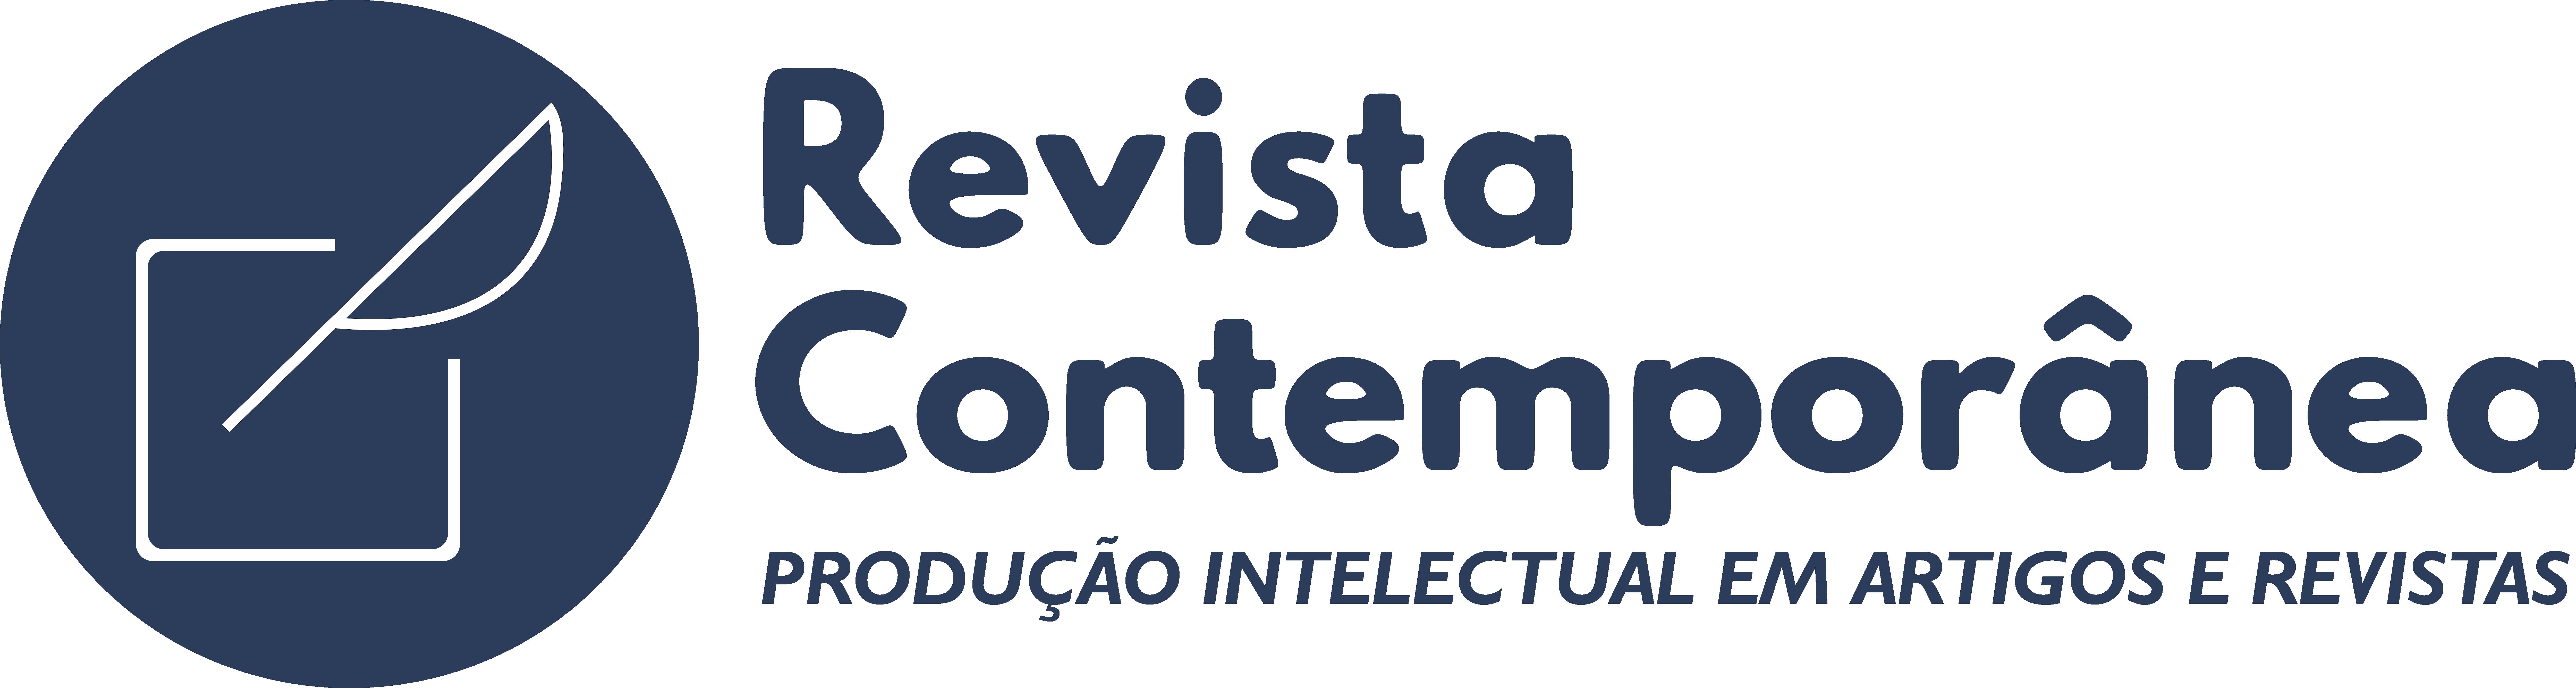 CONTEMPORÂNEA - Produção Intelectual em Artigos e Revistas